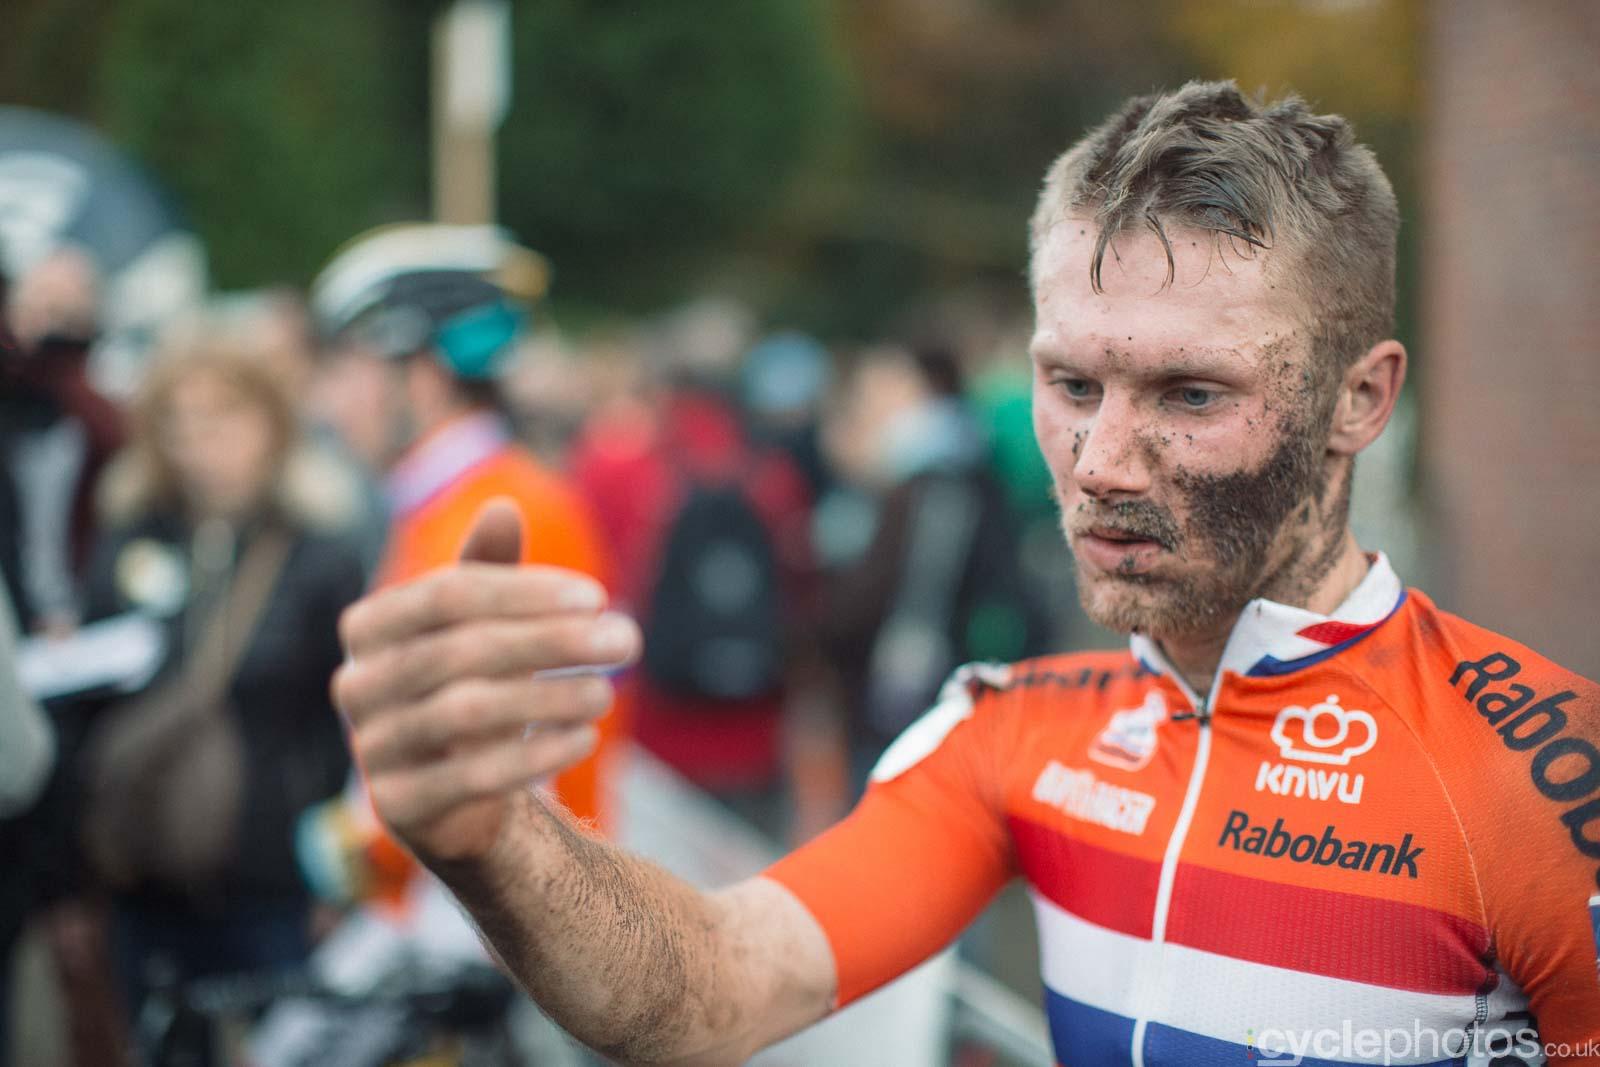 2015-cyclephotos-cyclocross-eucx-huijbergen-160630-corne-van-kessel